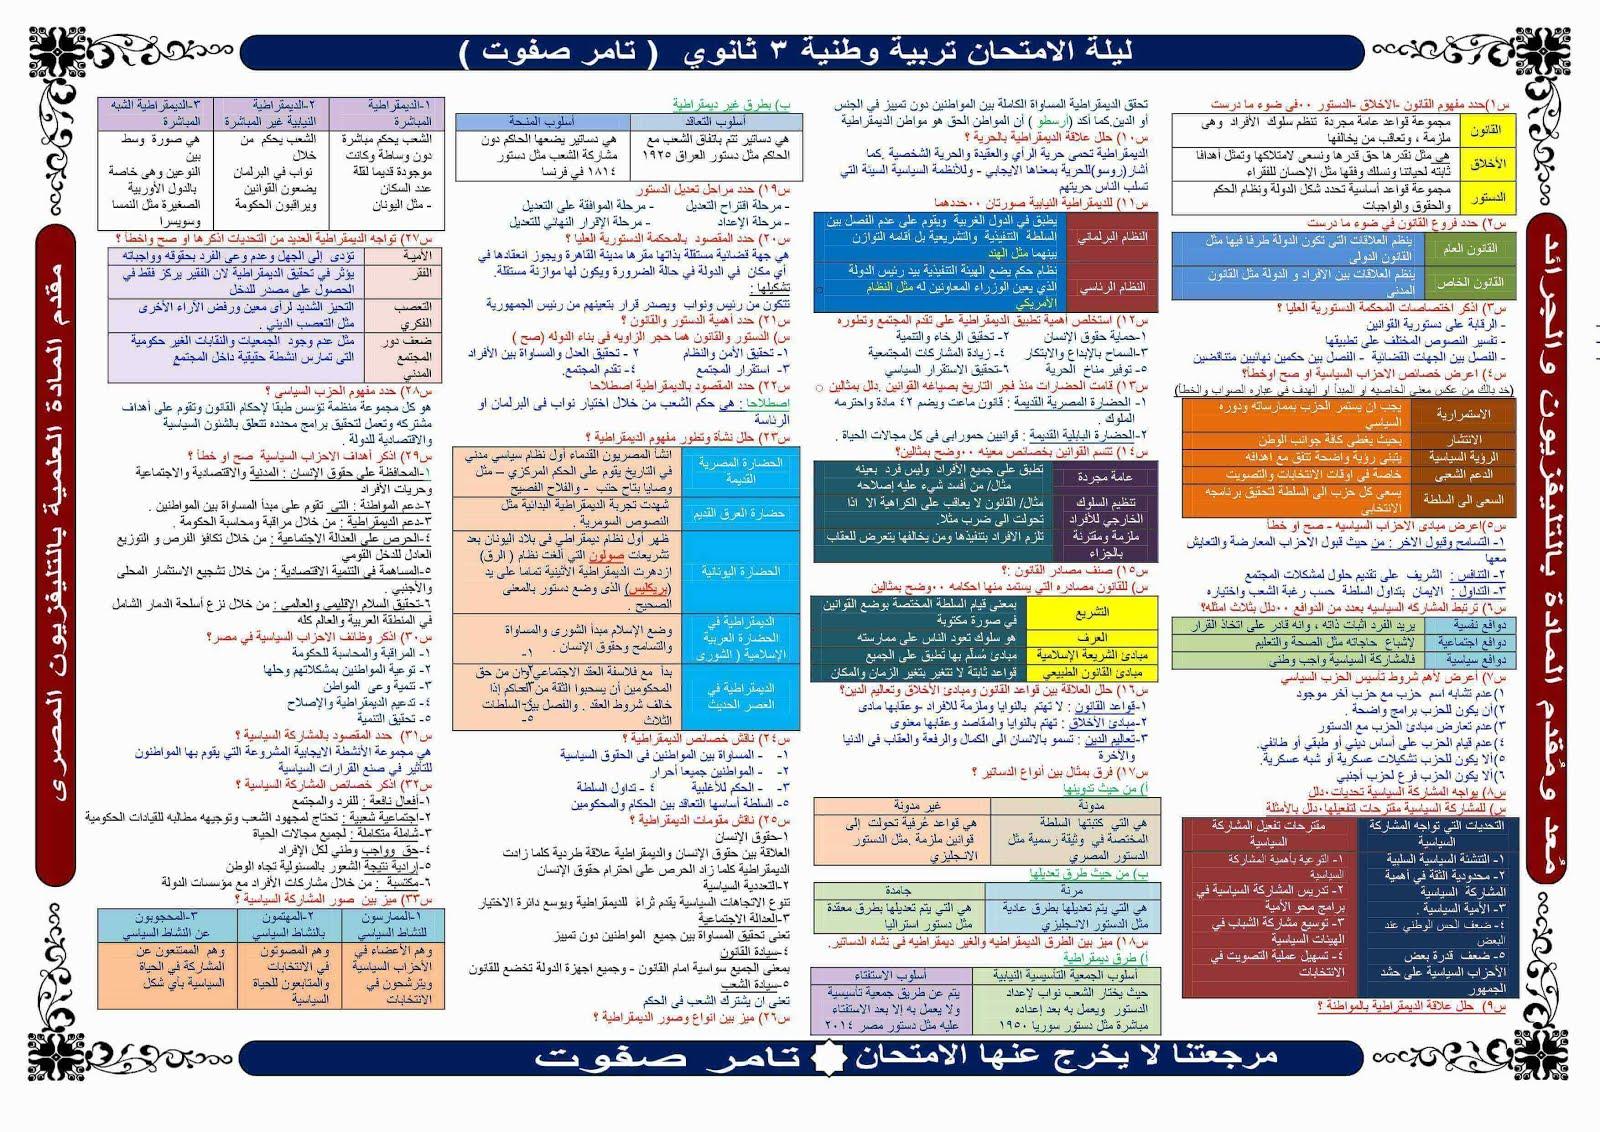 مراجعة ليلة امتحان تربية وطنية في صفحة ثالث ثانوي 2016